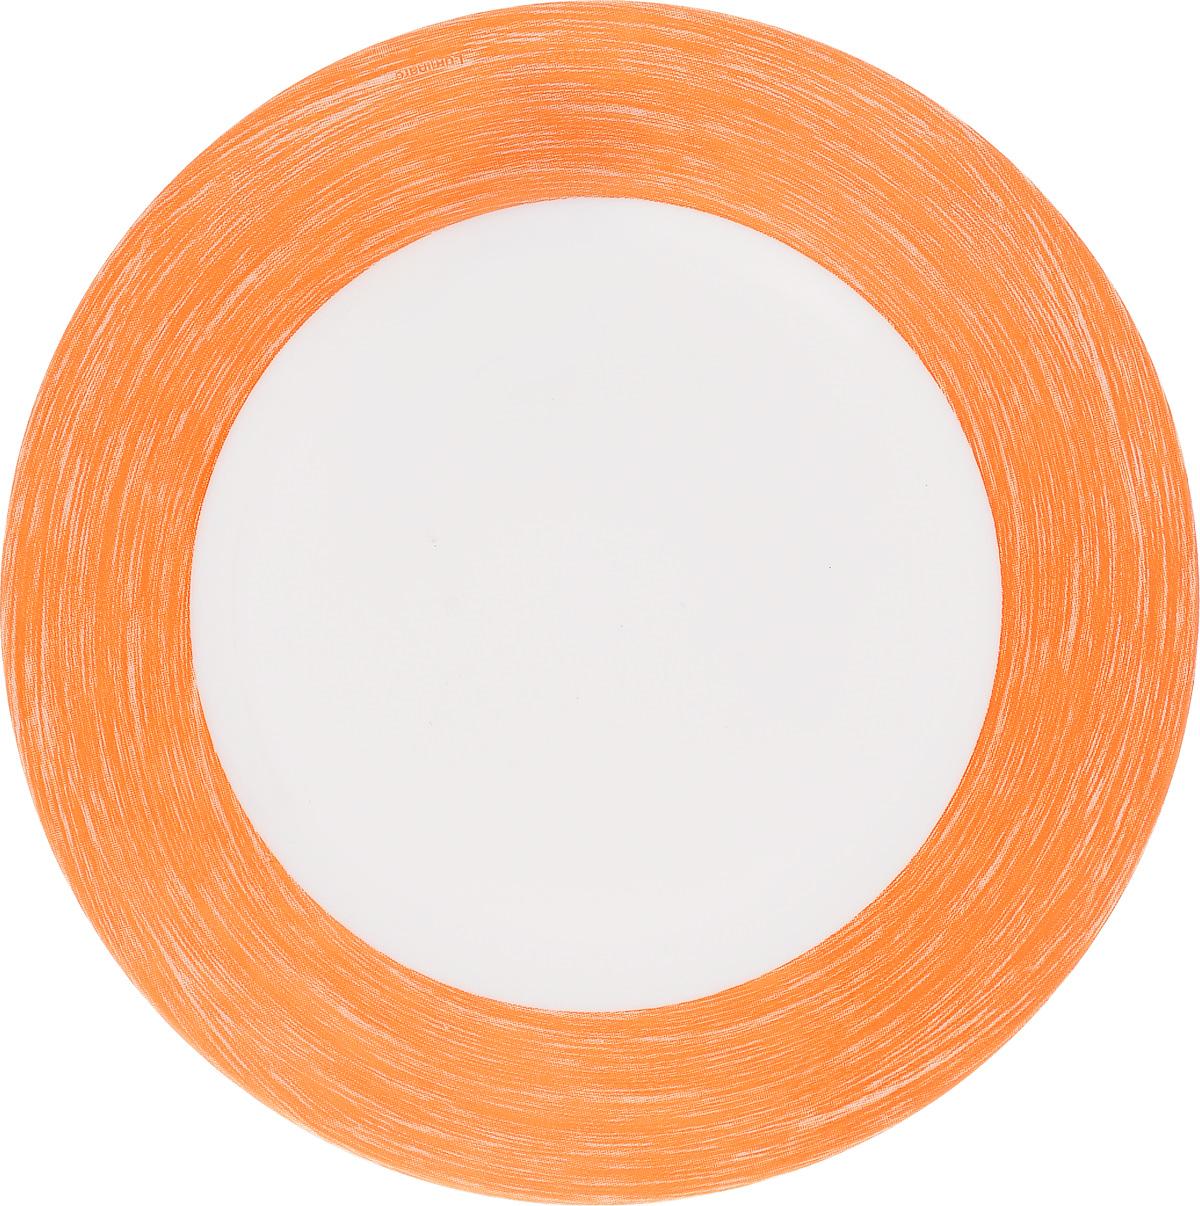 Тарелка десертная Luminarc Color Days Orange, диаметр 19 смFS-91909Десертная тарелка Luminarc Color Days Orange, изготовленная из ударопрочного стекла, имеет изысканный внешний вид. Такая тарелка прекрасно подходит как для торжественных случаев, так и для повседневного использования. Идеальна для подачи десертов, пирожных, тортов и многого другого. Она прекрасно оформит стол и станет отличным дополнением к вашей коллекции кухонной посуды. Диаметр тарелки (по верхнему краю): 19 см.